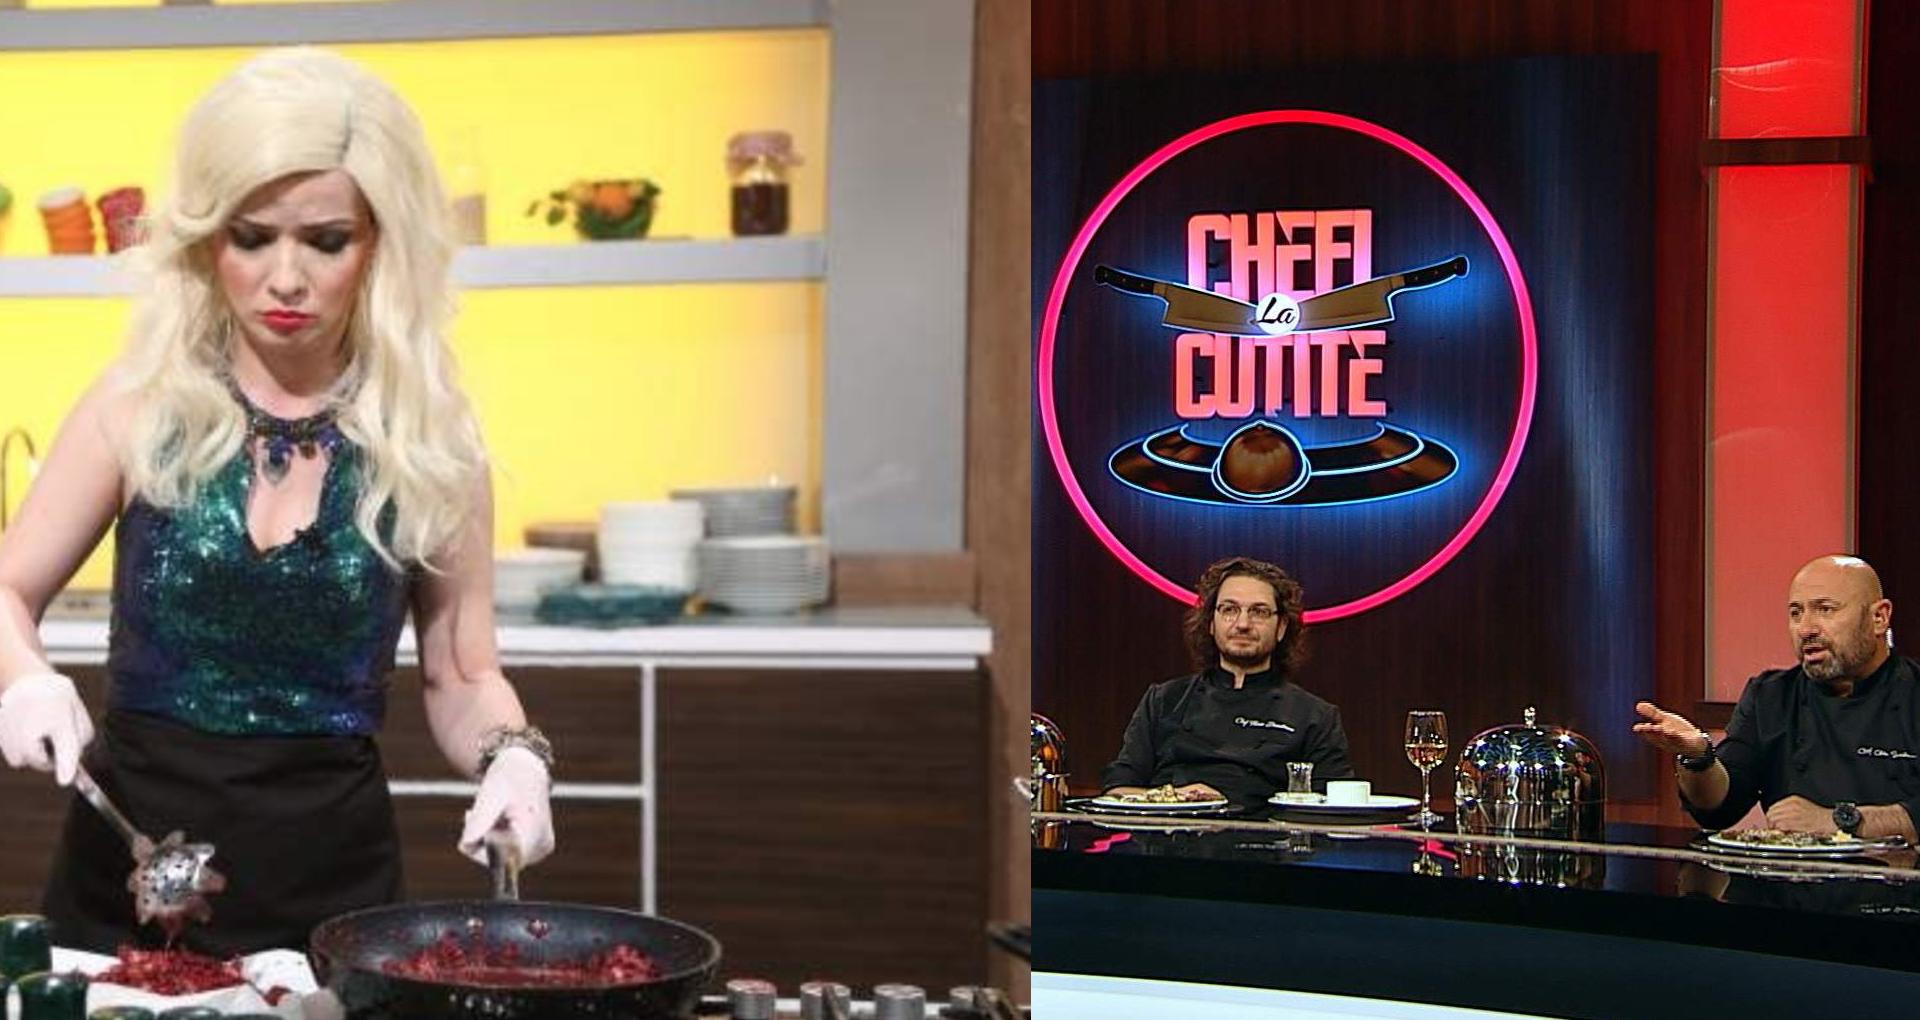 Chefi la Cuțite 7 septembrie live blog și live video! Gina Felea la concursul culinar